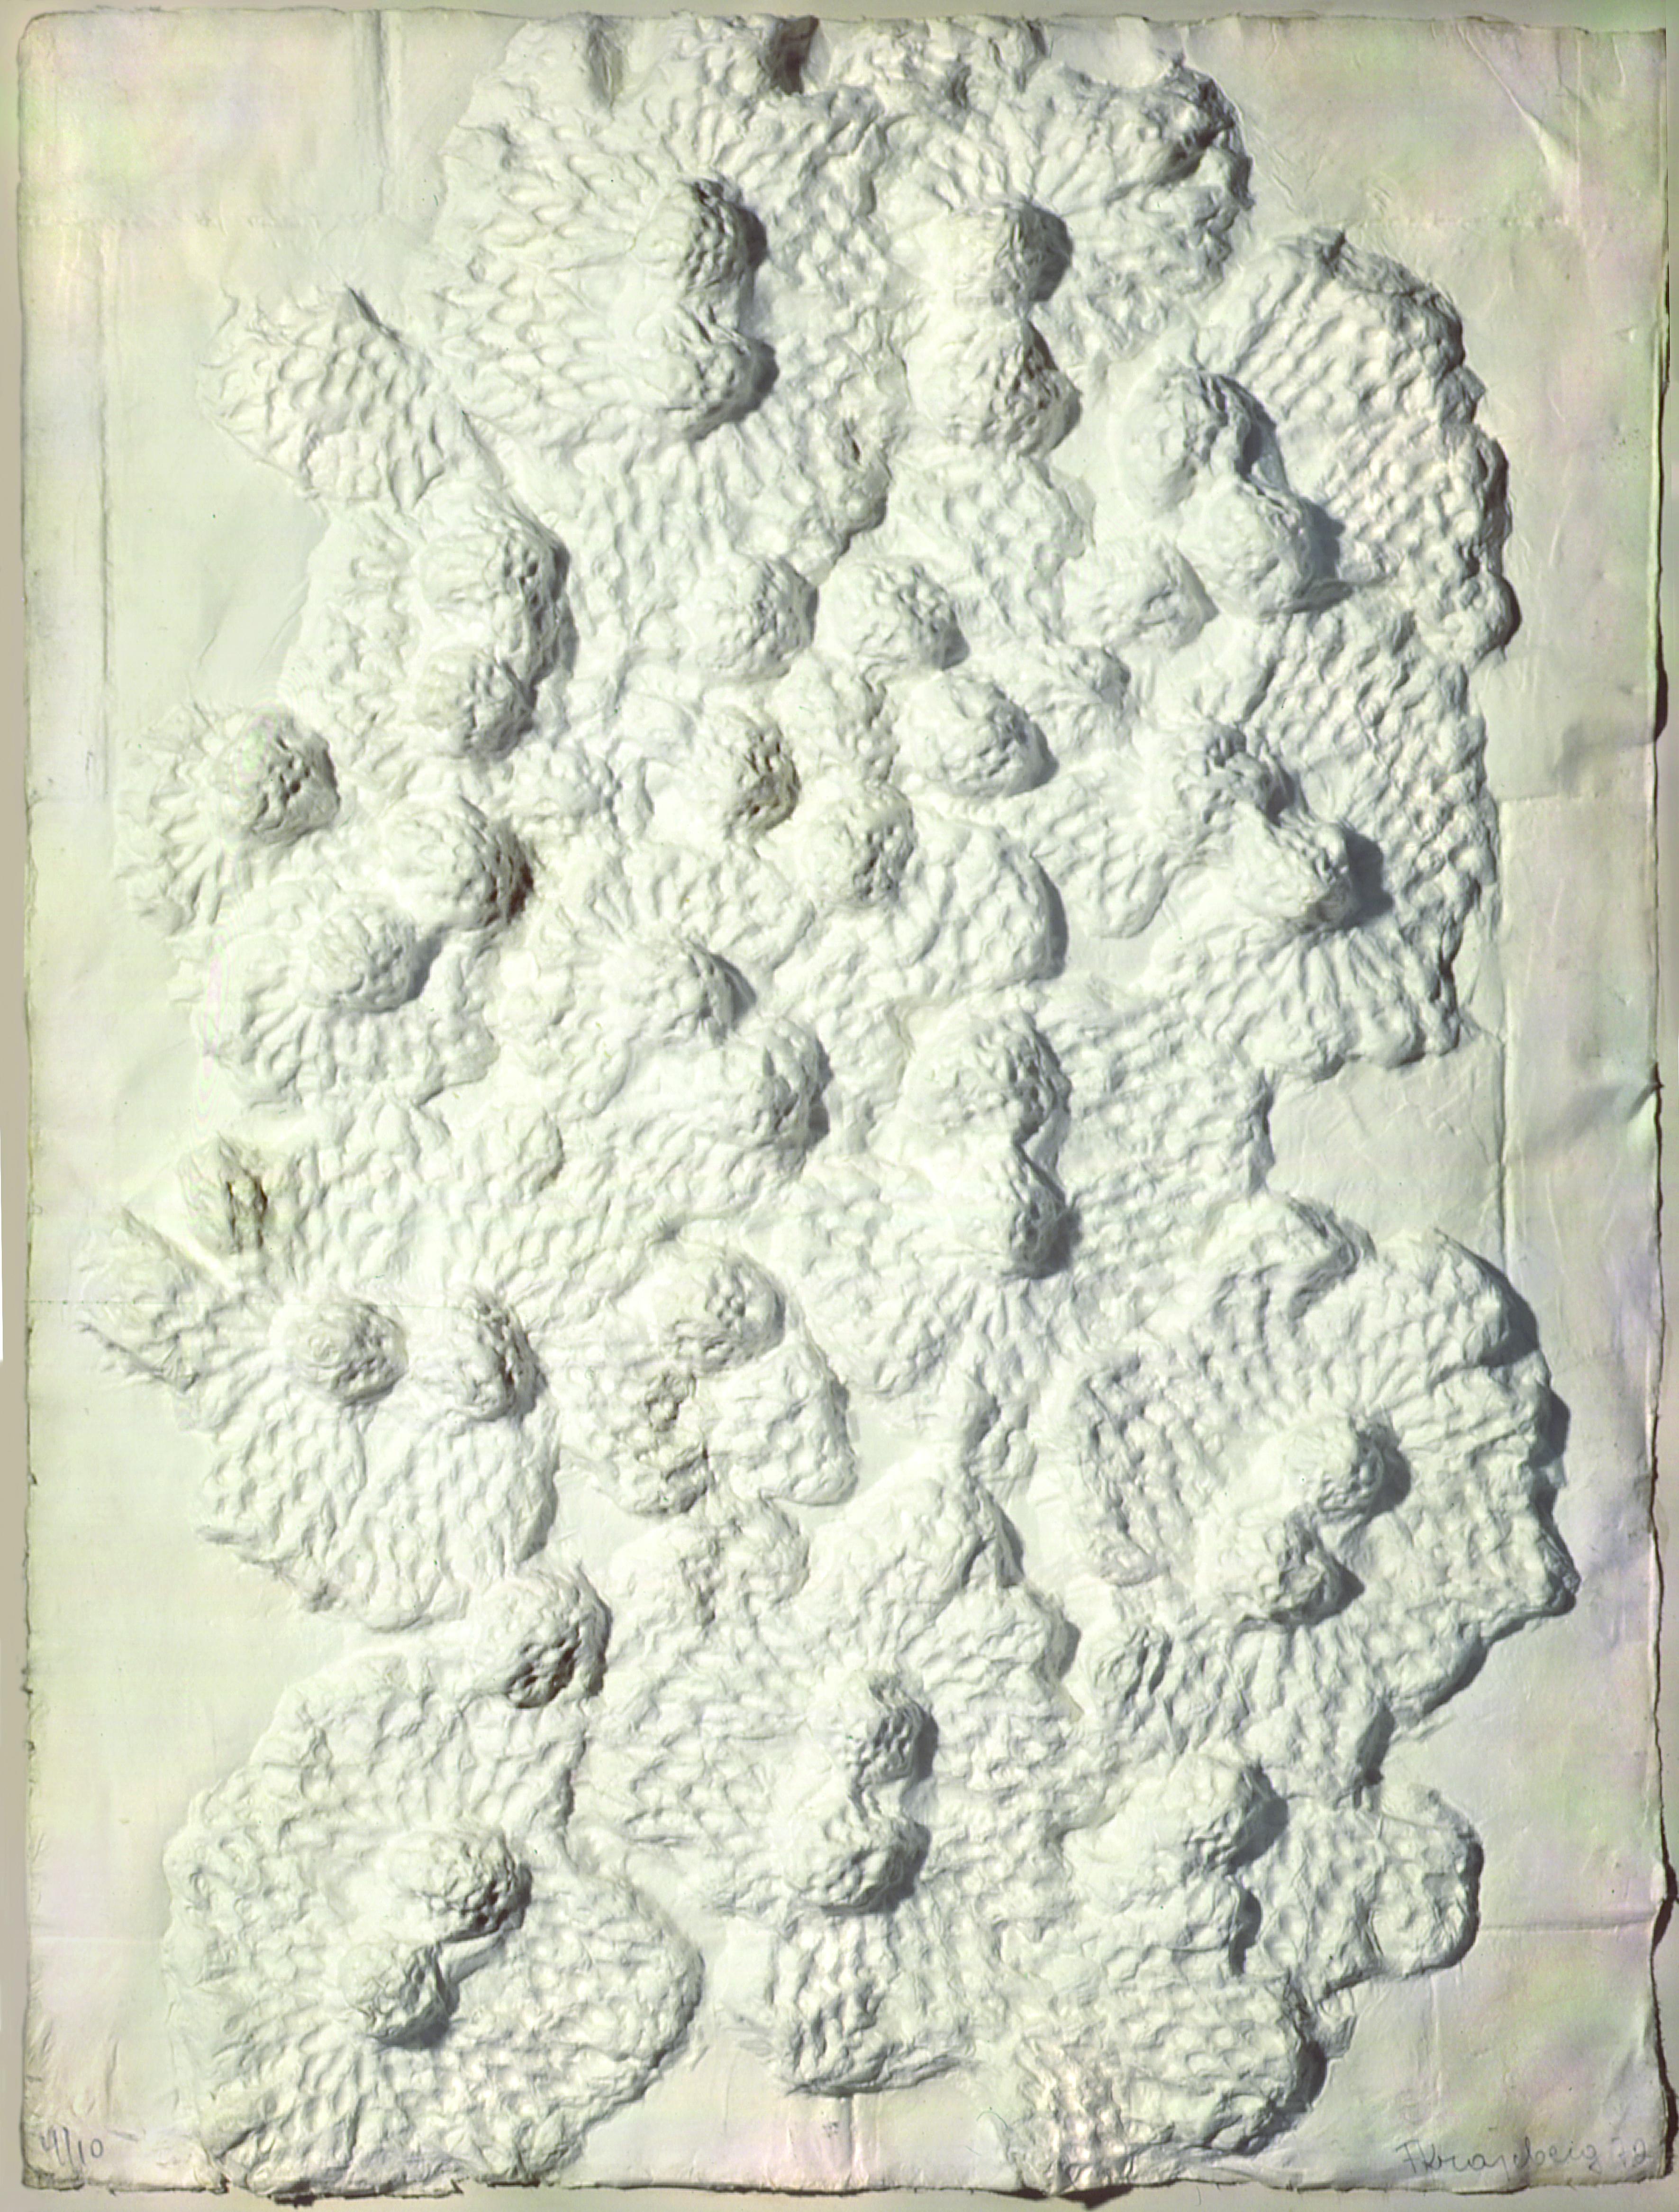 Natureza Autor: Frans Krajcberg  Ano: 1972 Técnica: Modelagem de gesso impresso em papel japonês  Dimensões: 75cm x 57cm